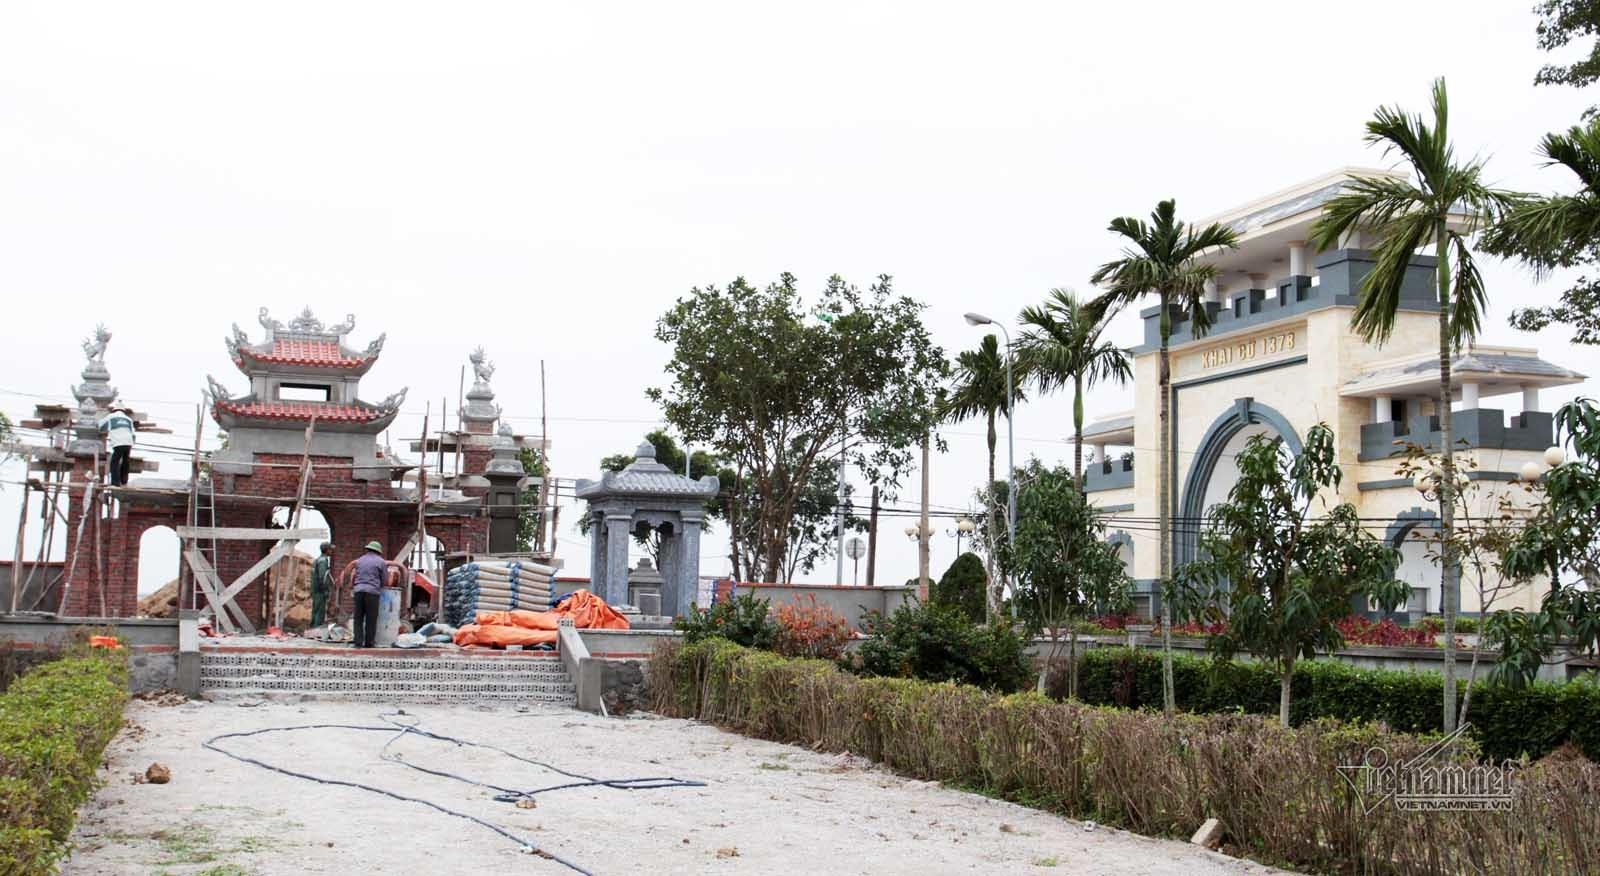 cổng làng tiền tỷ,Nghệ An,cổng tam quan